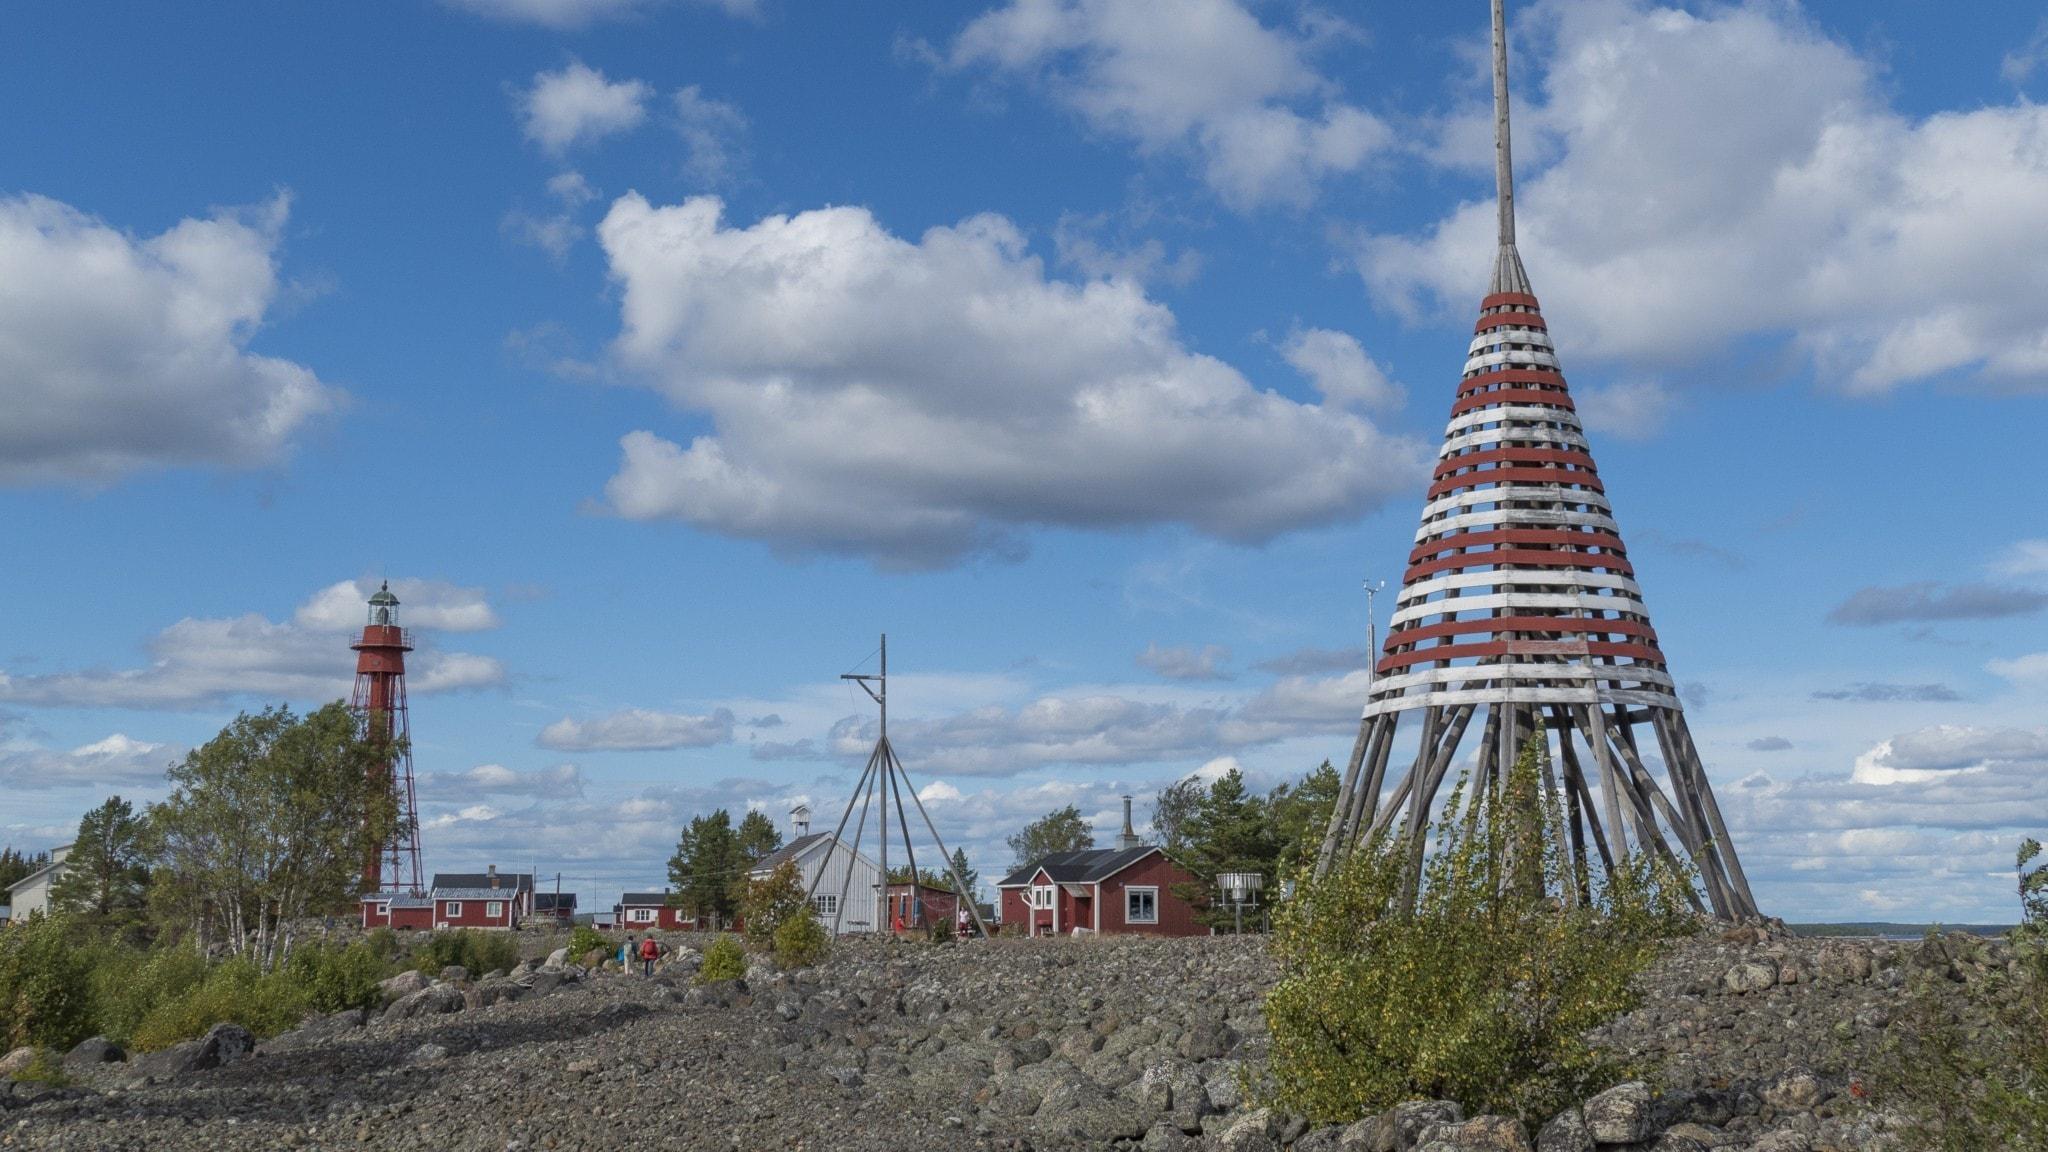 Flyttfågelmorgon på Pite Rönnskär och ljusare tider för humlepälsbiet